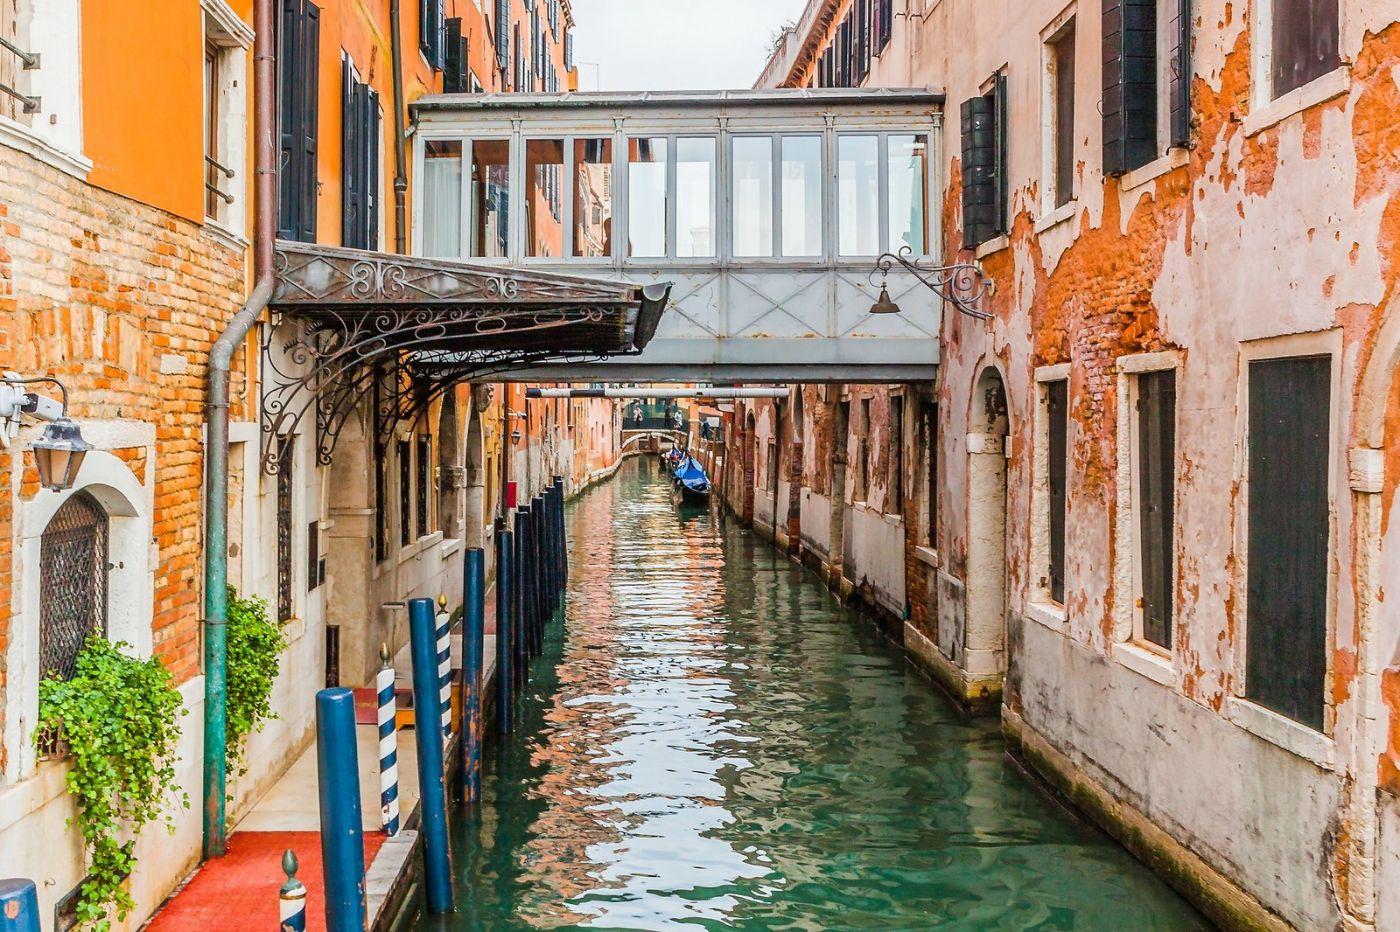 意大利威尼斯,桥的艺术_图1-23